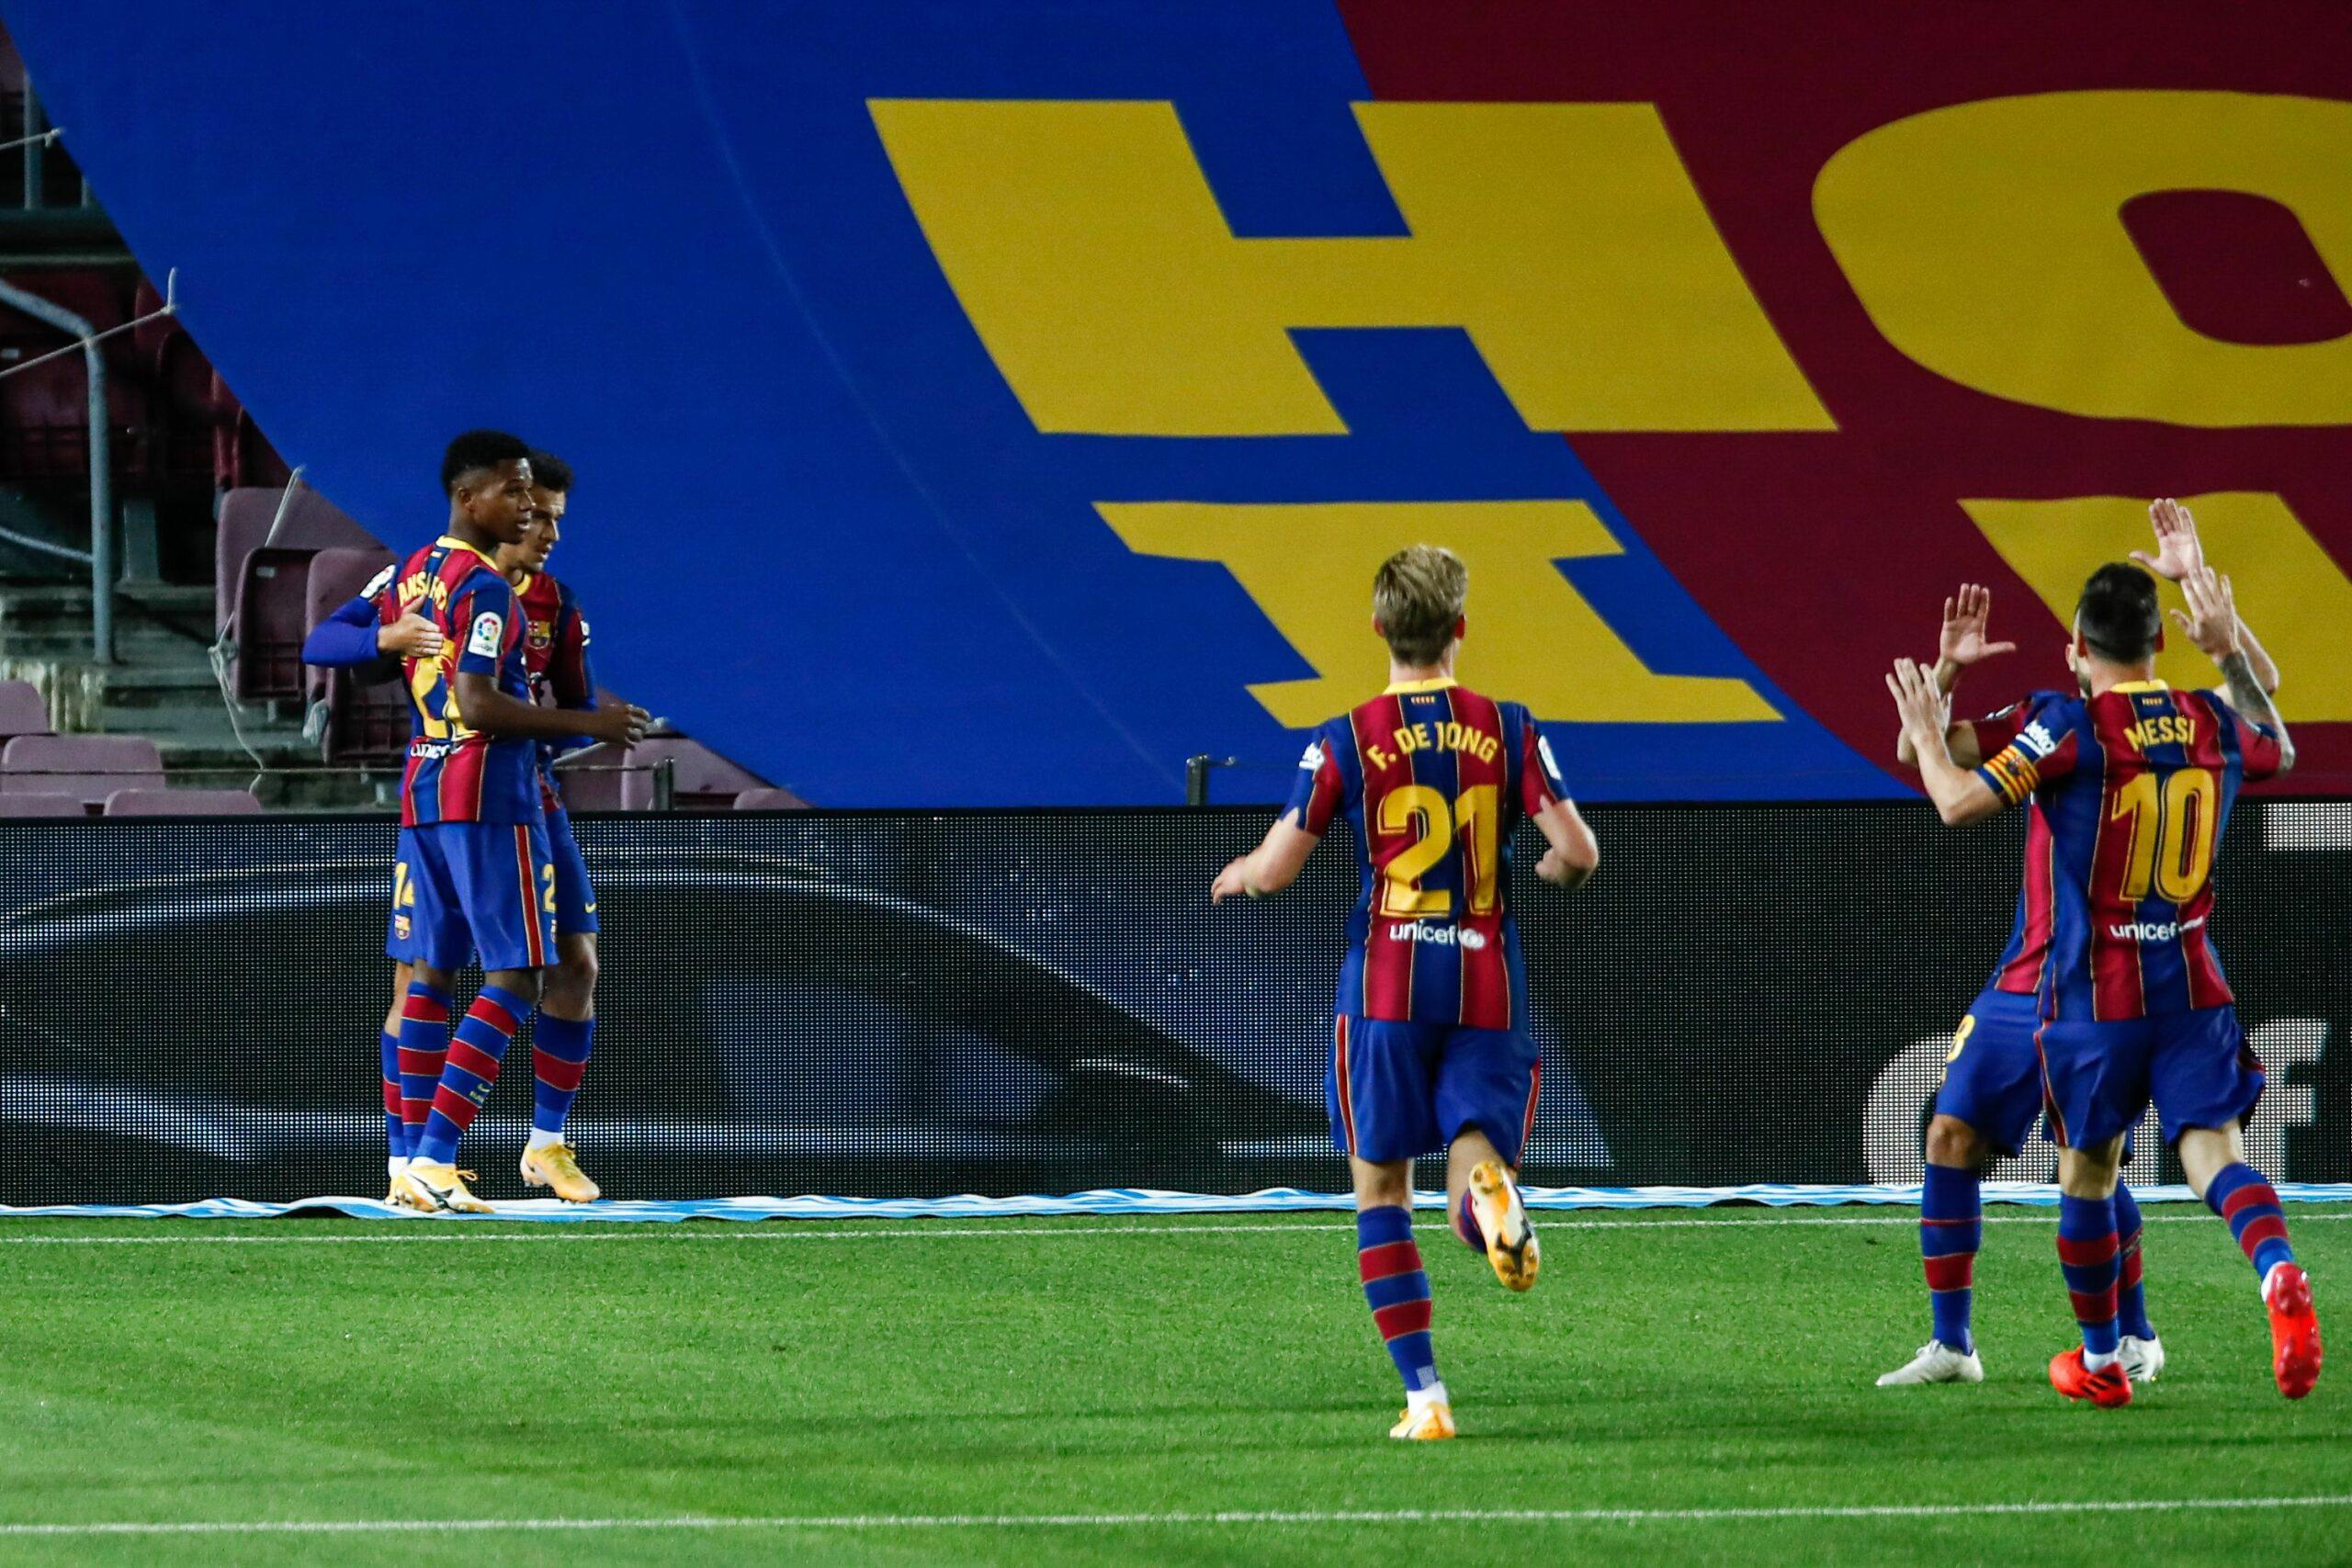 Els jugadors del Barça celebren un gol al Camp Nou | Europa Press